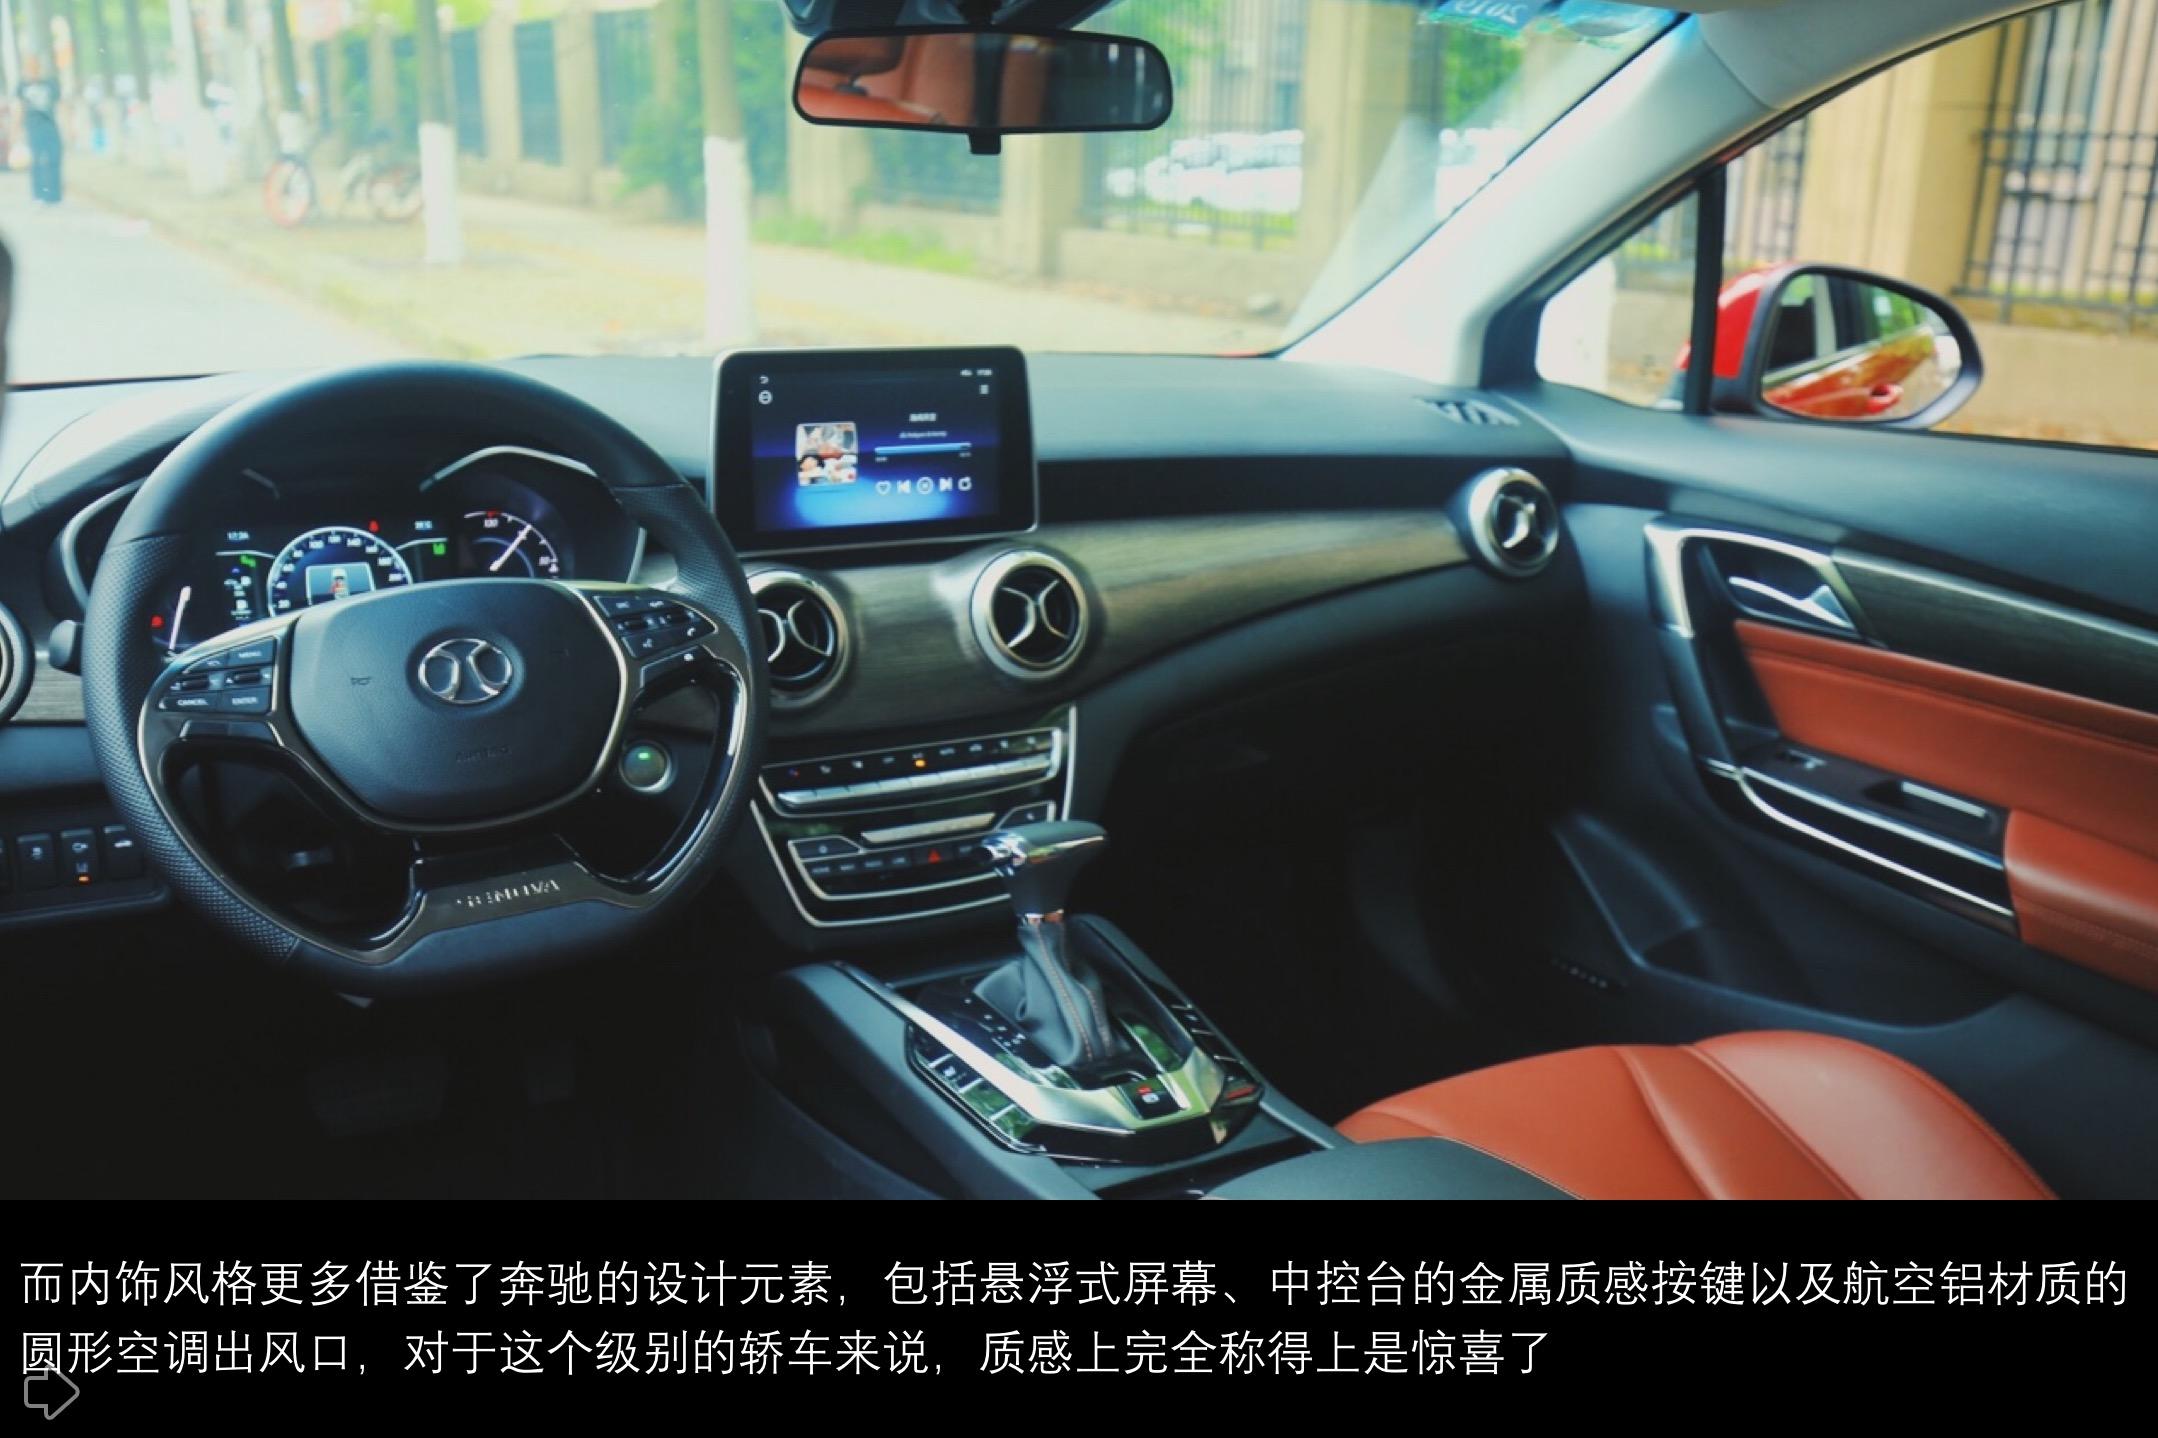 你说我懂 全新绅宝D50车载智能系统体验